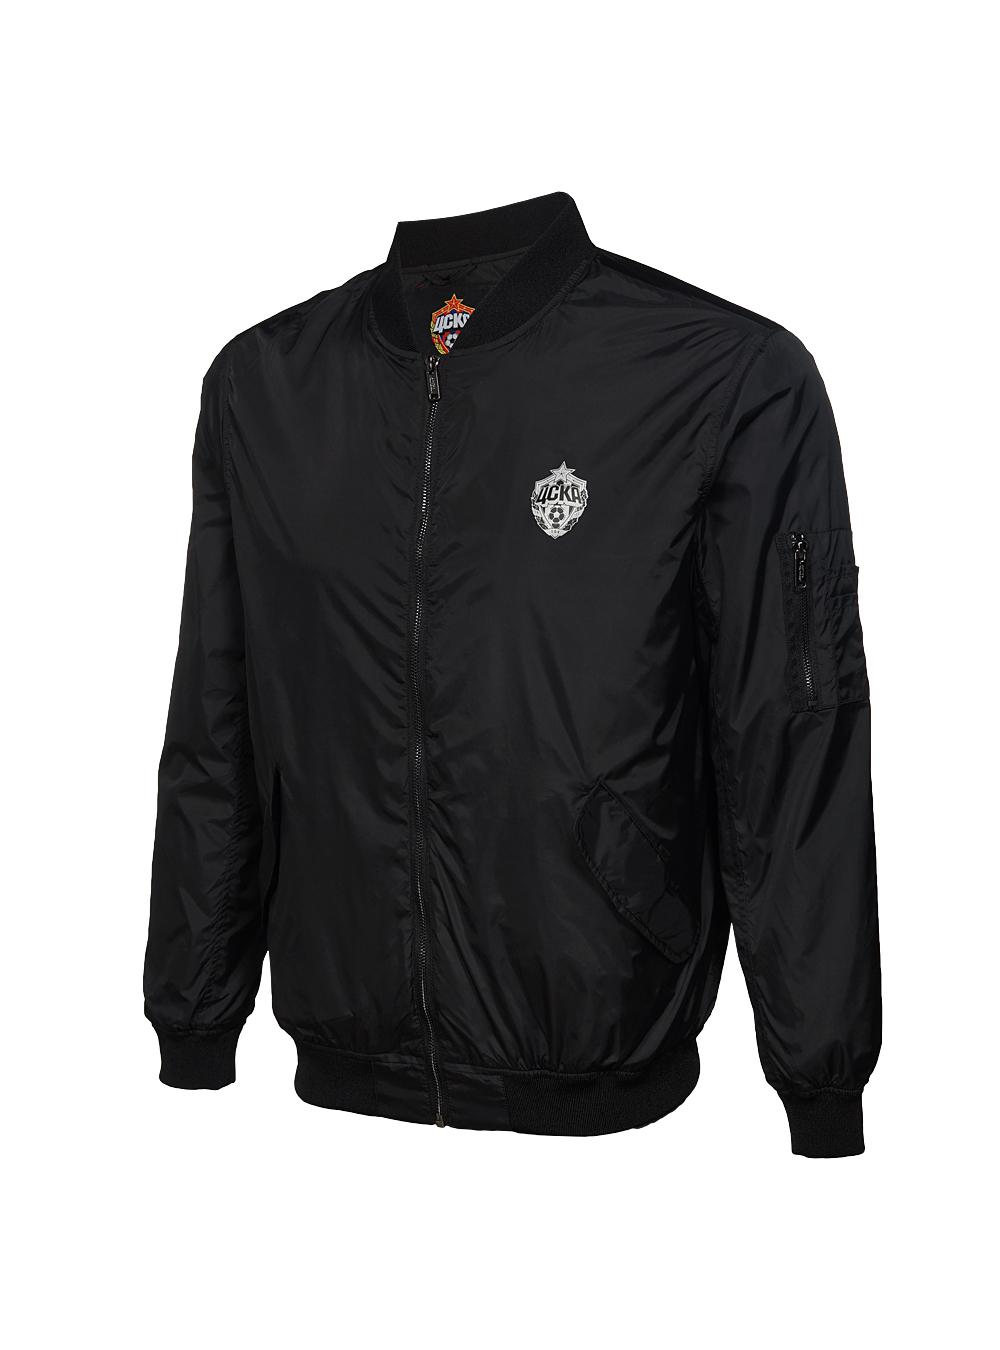 Купить Куртка-бомбер, цвет чёрный (L) по Нижнему Новгороду